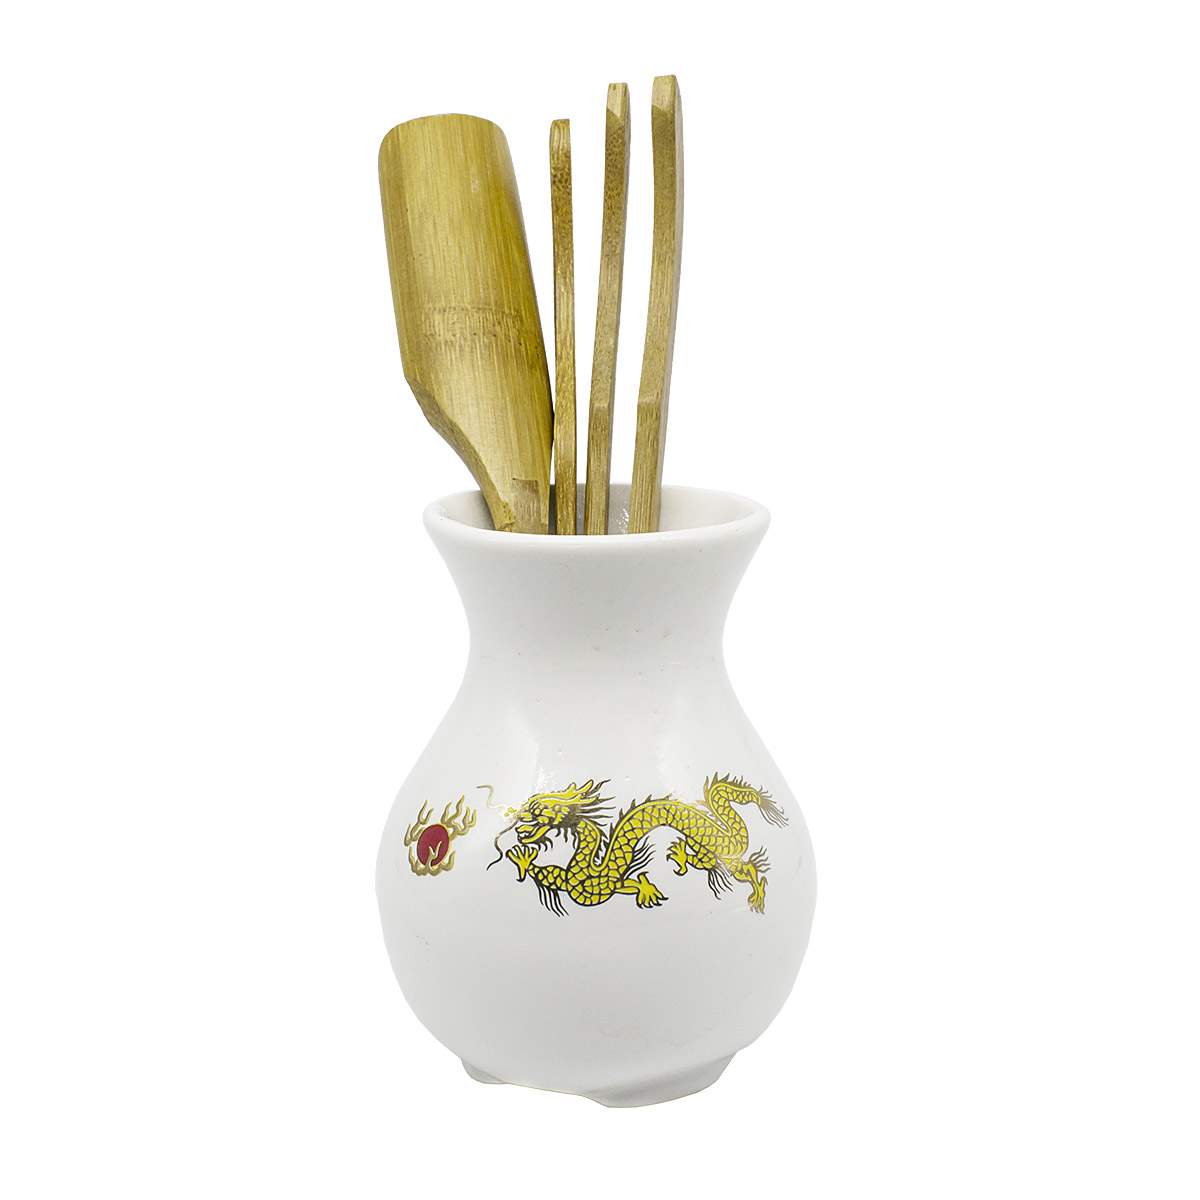 """Купить со скидкой Инструменты для чайной церемонии """"Золотой дракон"""", фарфор, дерево"""